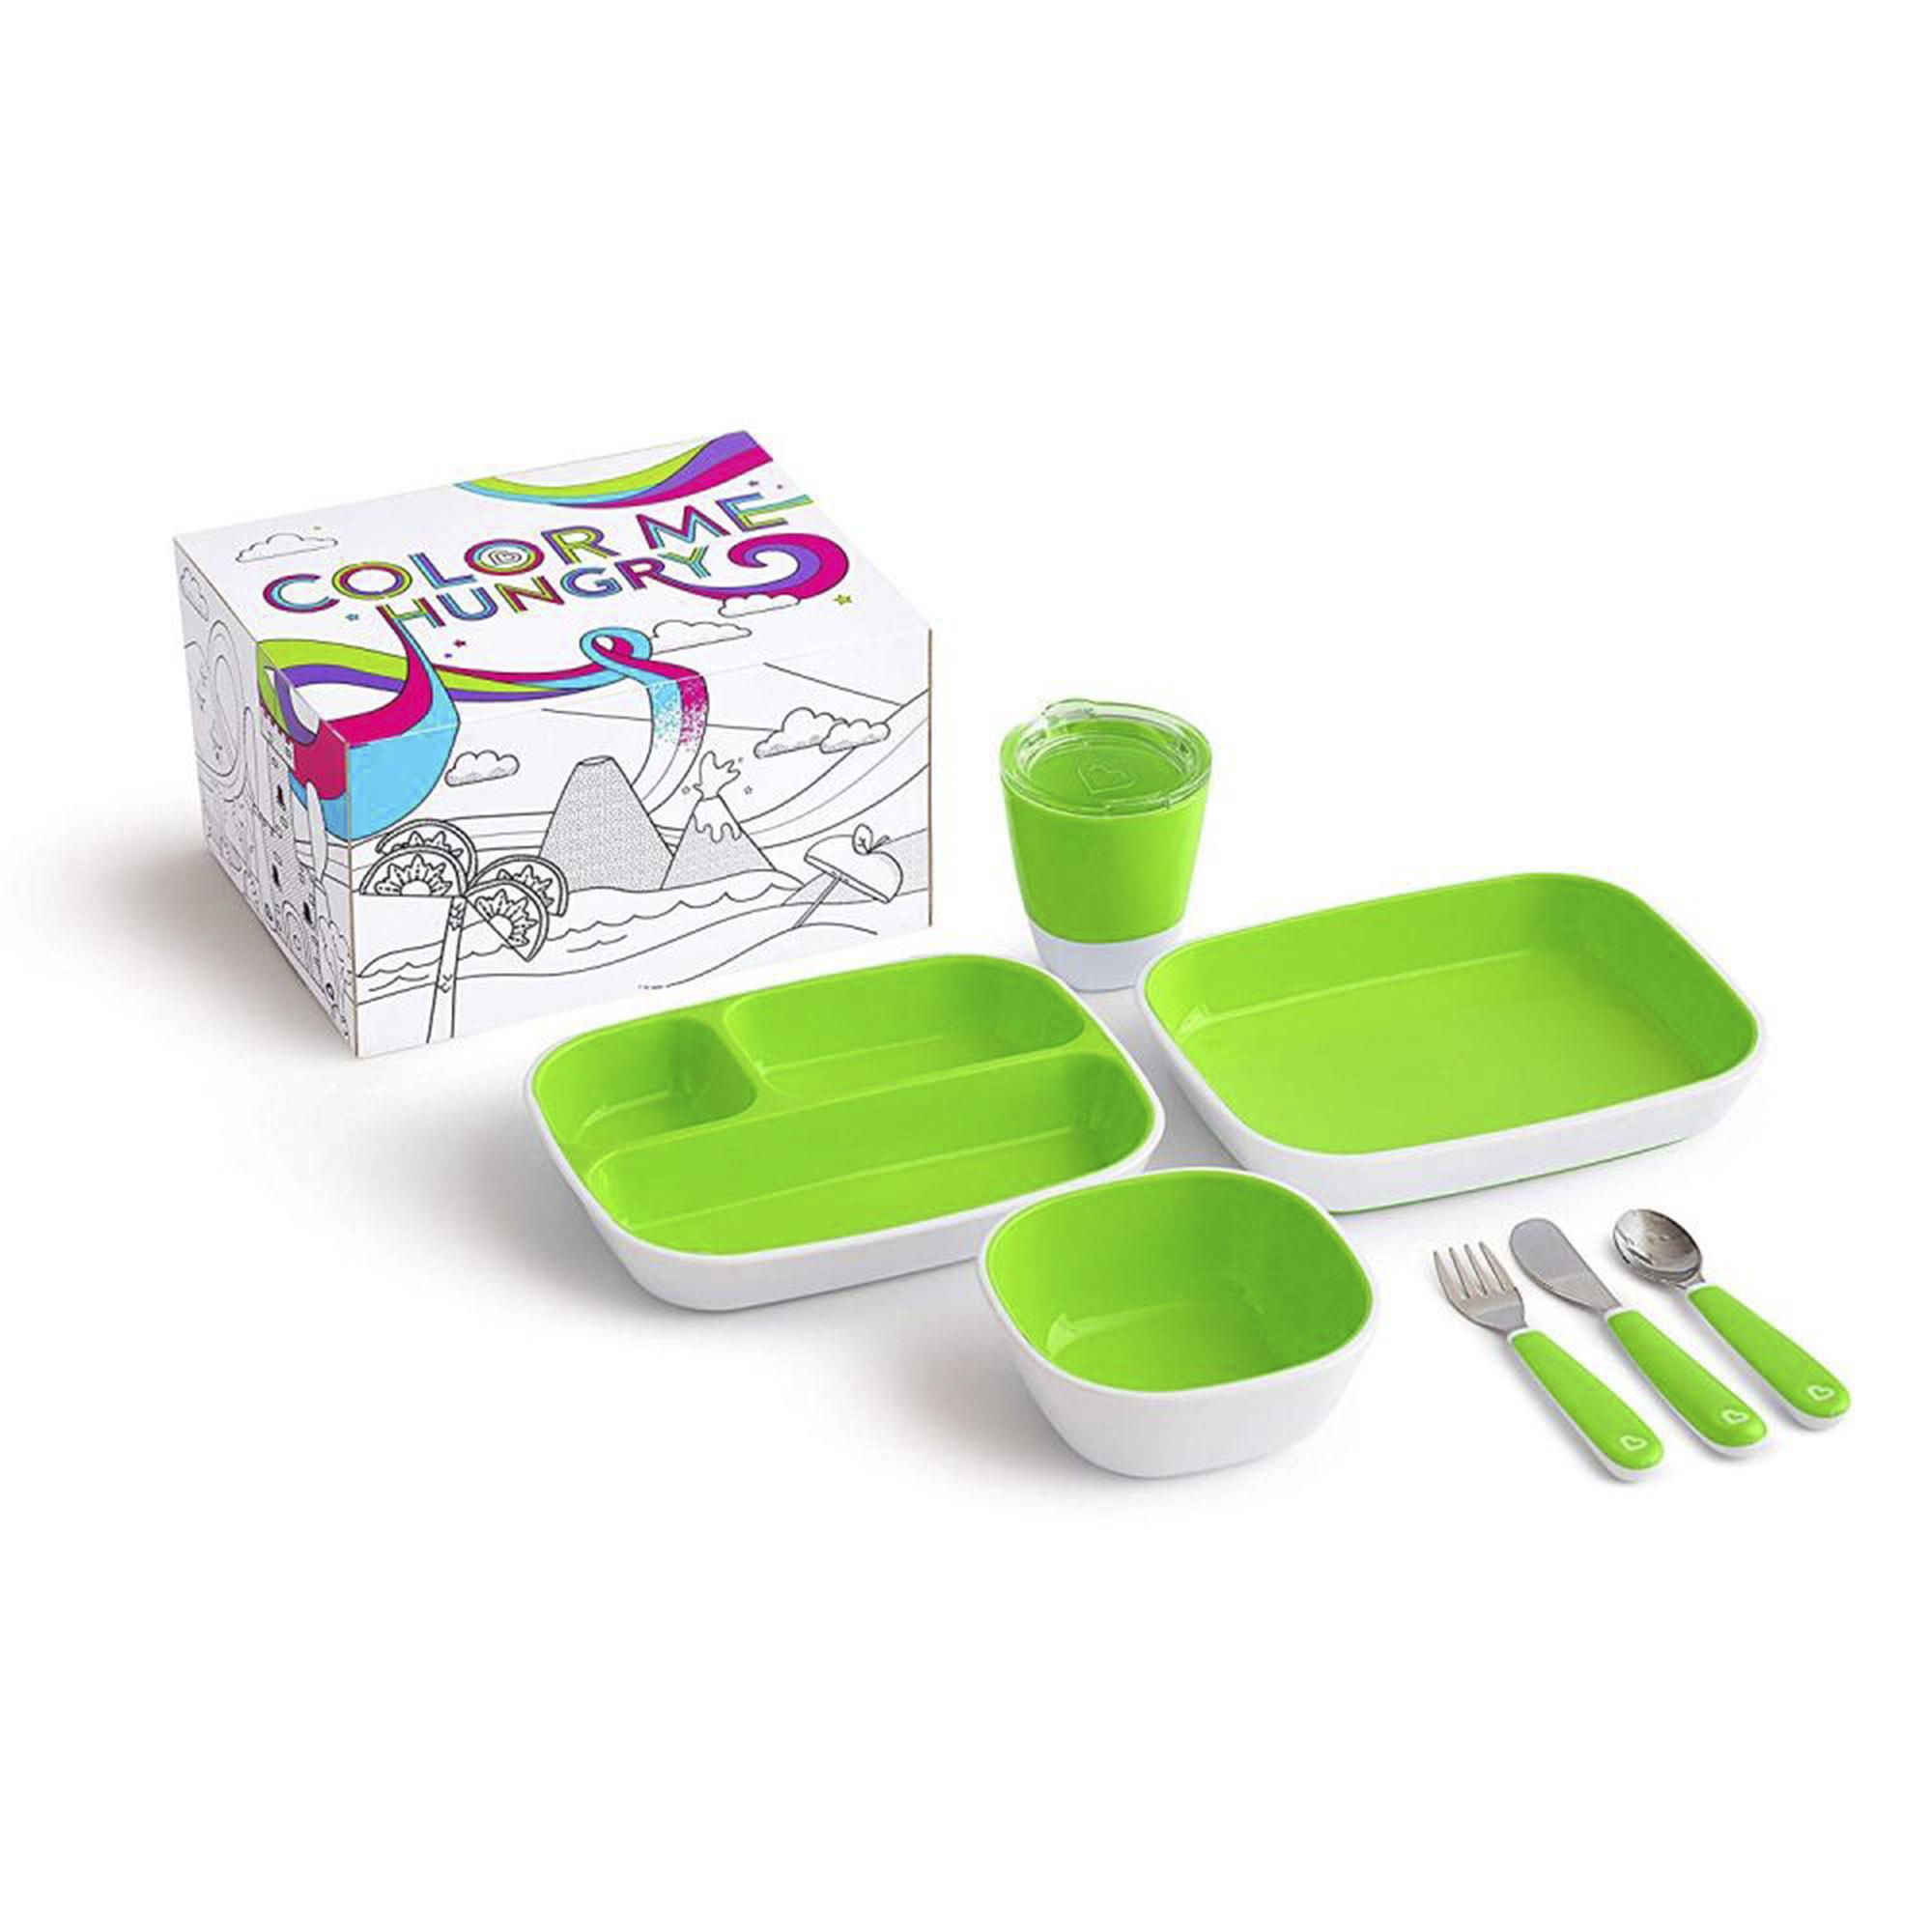 Набор посуды Munchkin Splas 7 предметов зеленый